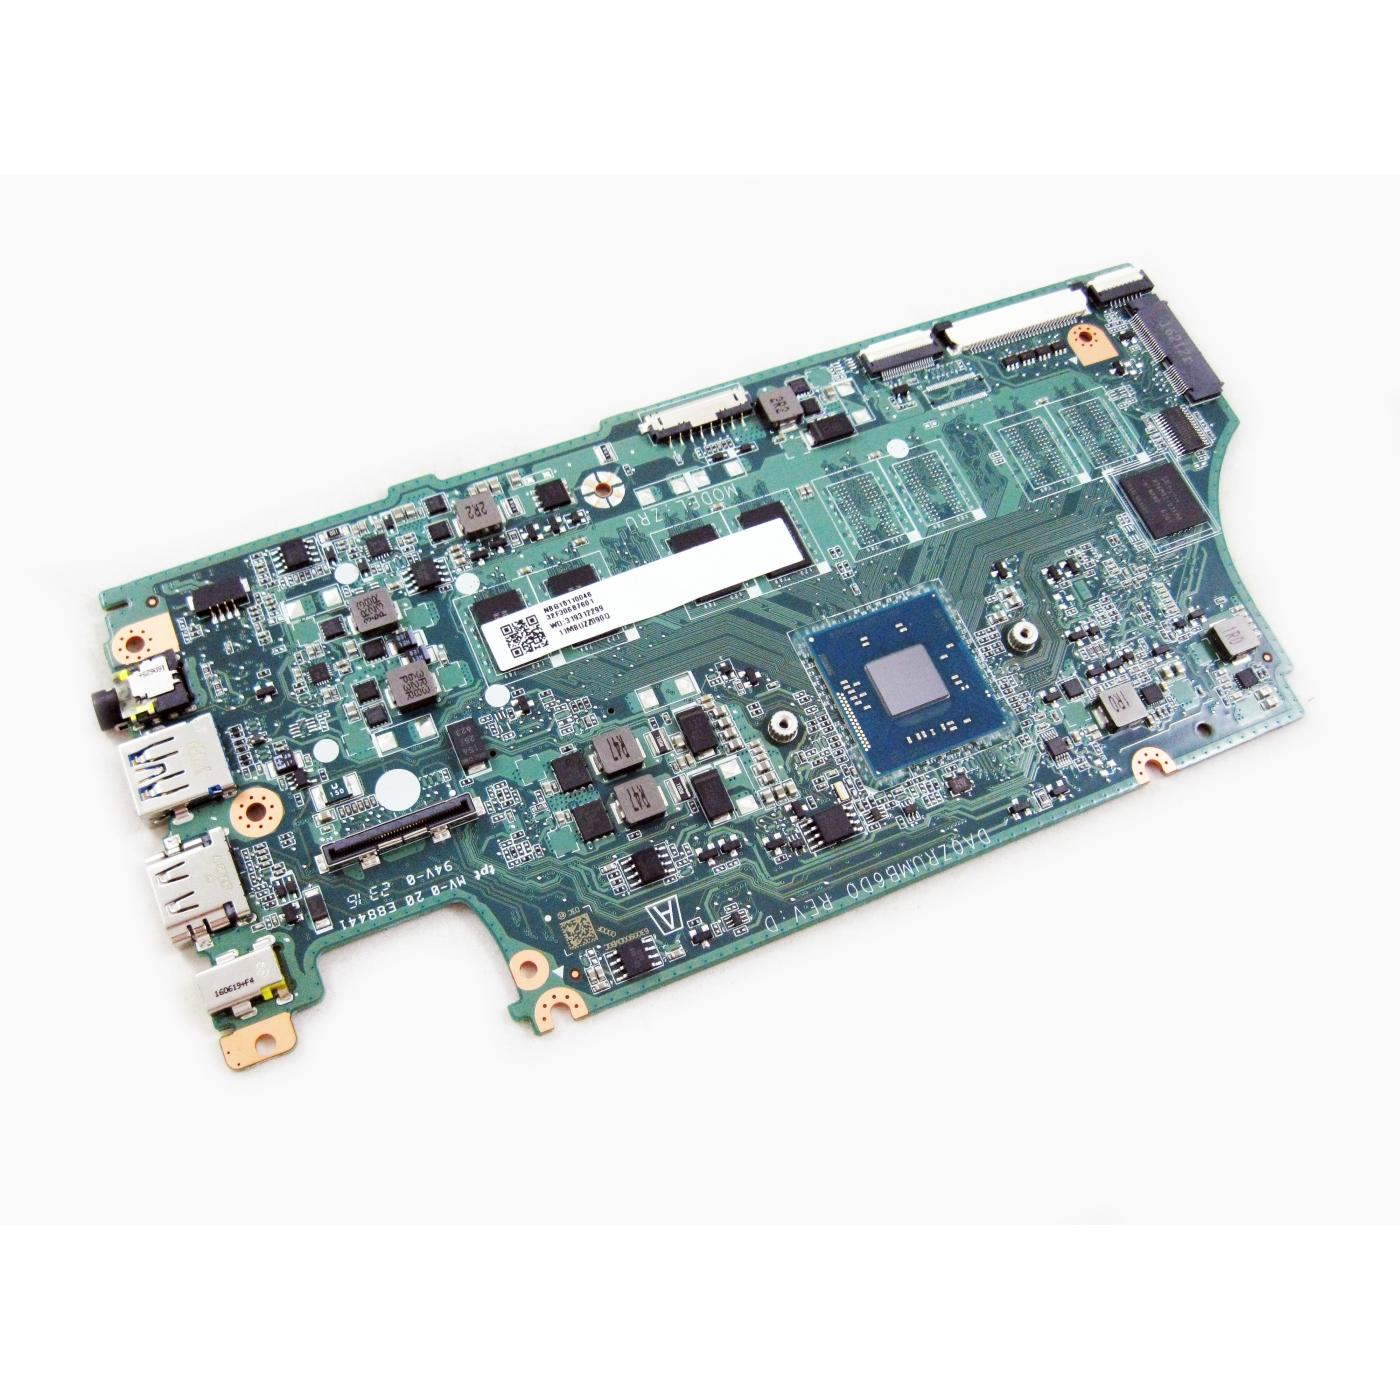 Acer NB.G1511.004 N2840 2GB RAM 16GB Emmc Chromebook CB3-531 Motherboard